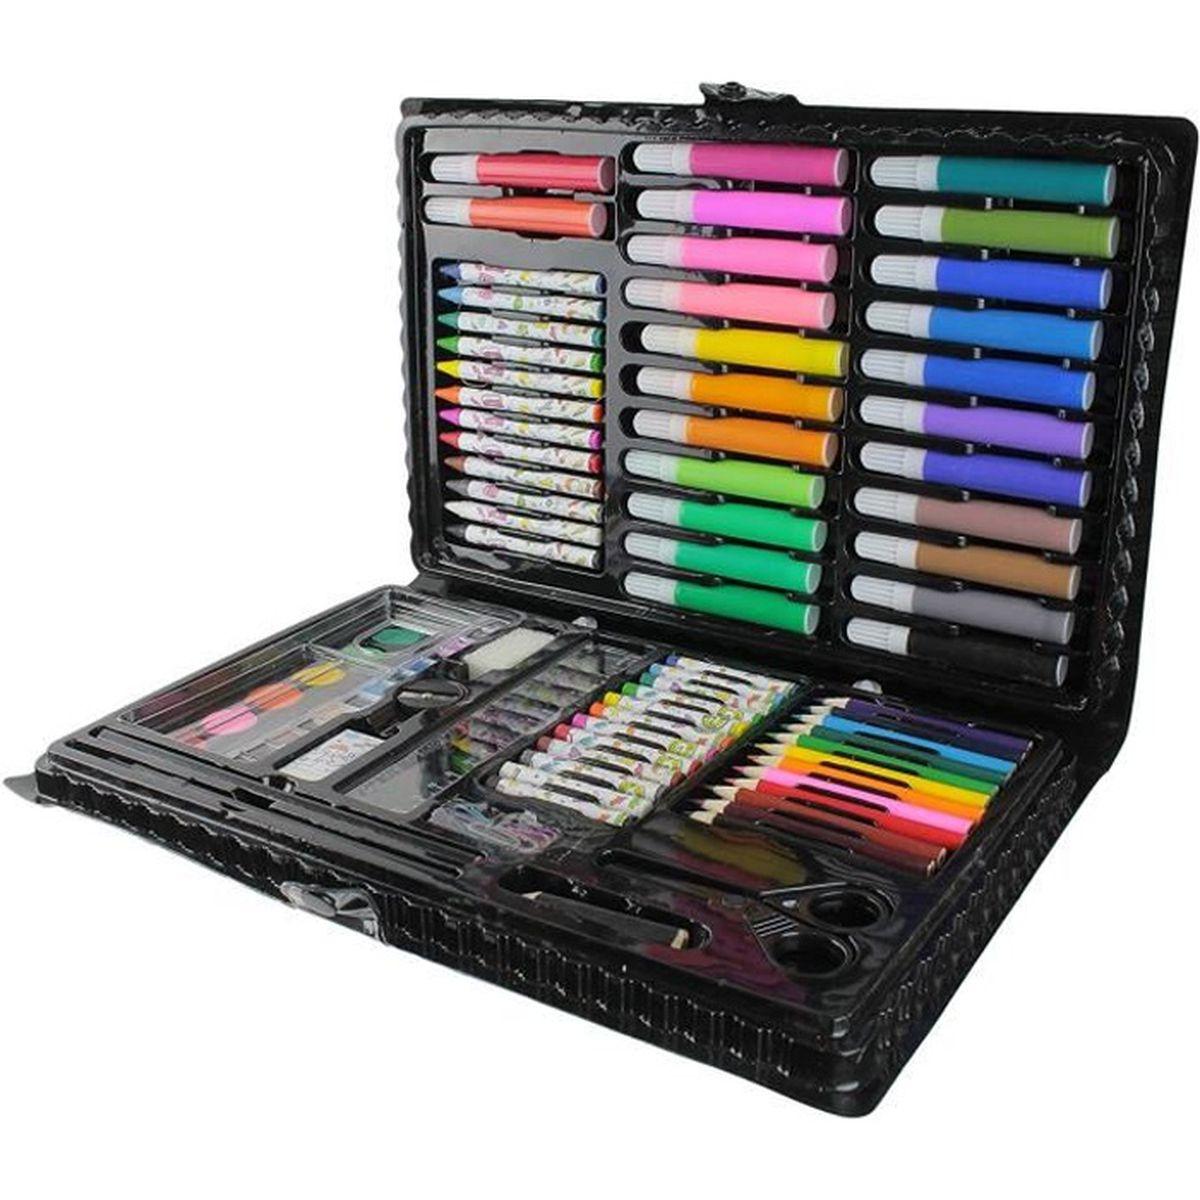 Malette De Coloriage Dessin Peinture Mallette De 86 Pieces Loisirs Creatif Enfant Achat Vente Kit De Dessin Malette De Coloriage Dessin Cdiscount